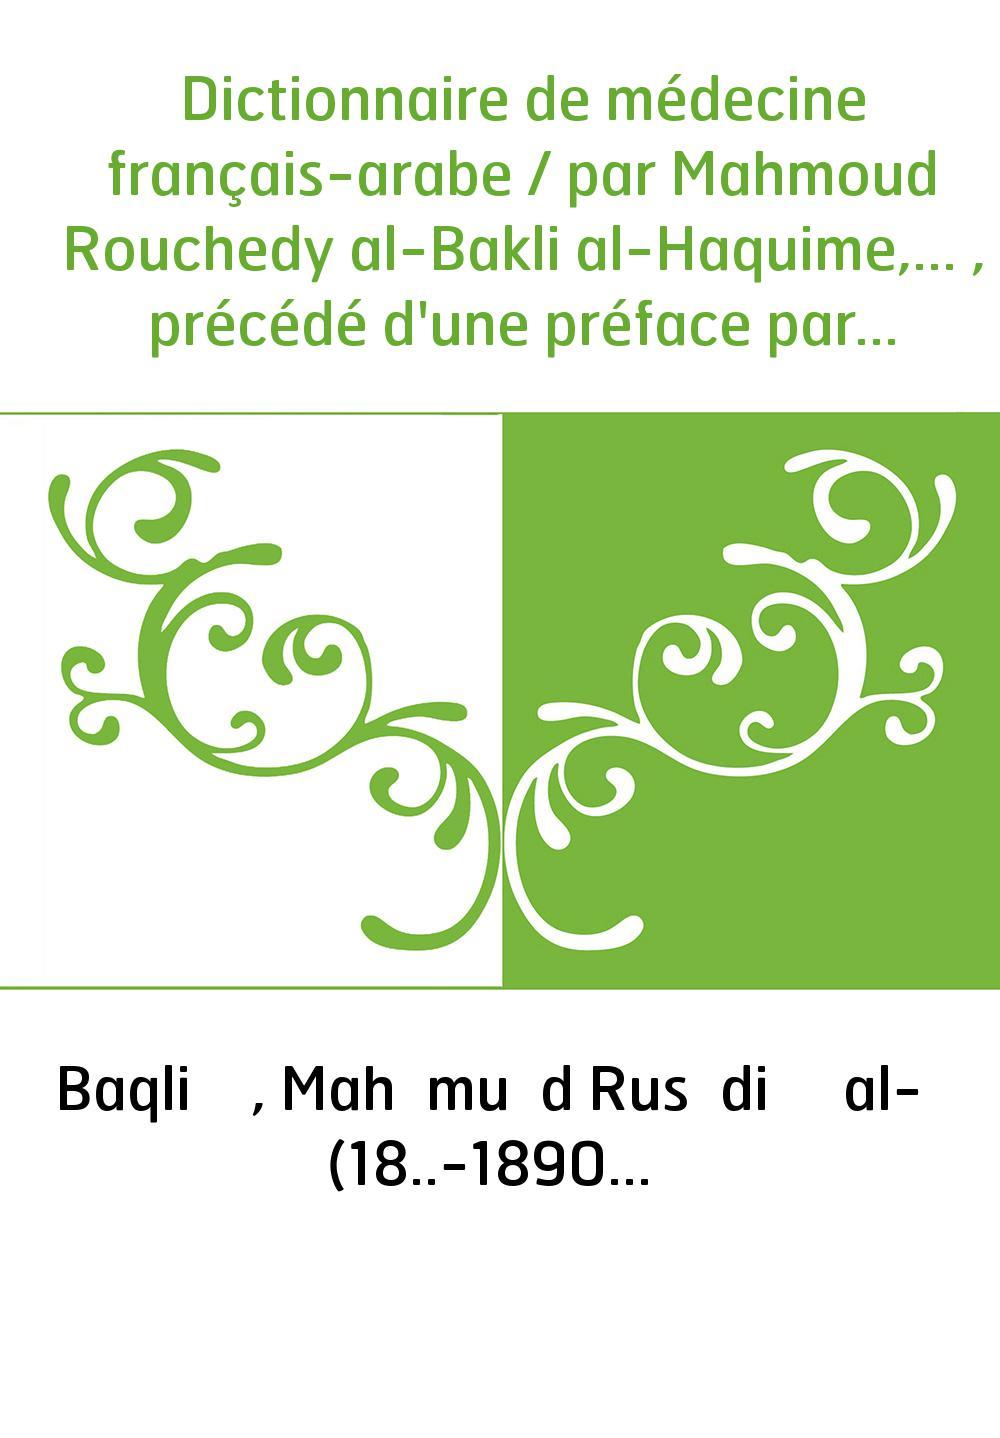 Dictionnaire de médecine français-arabe / par Mahmoud Rouchedy al-Bakli al-Haquime,... , précédé d'une préface par M. Ch. Robin,